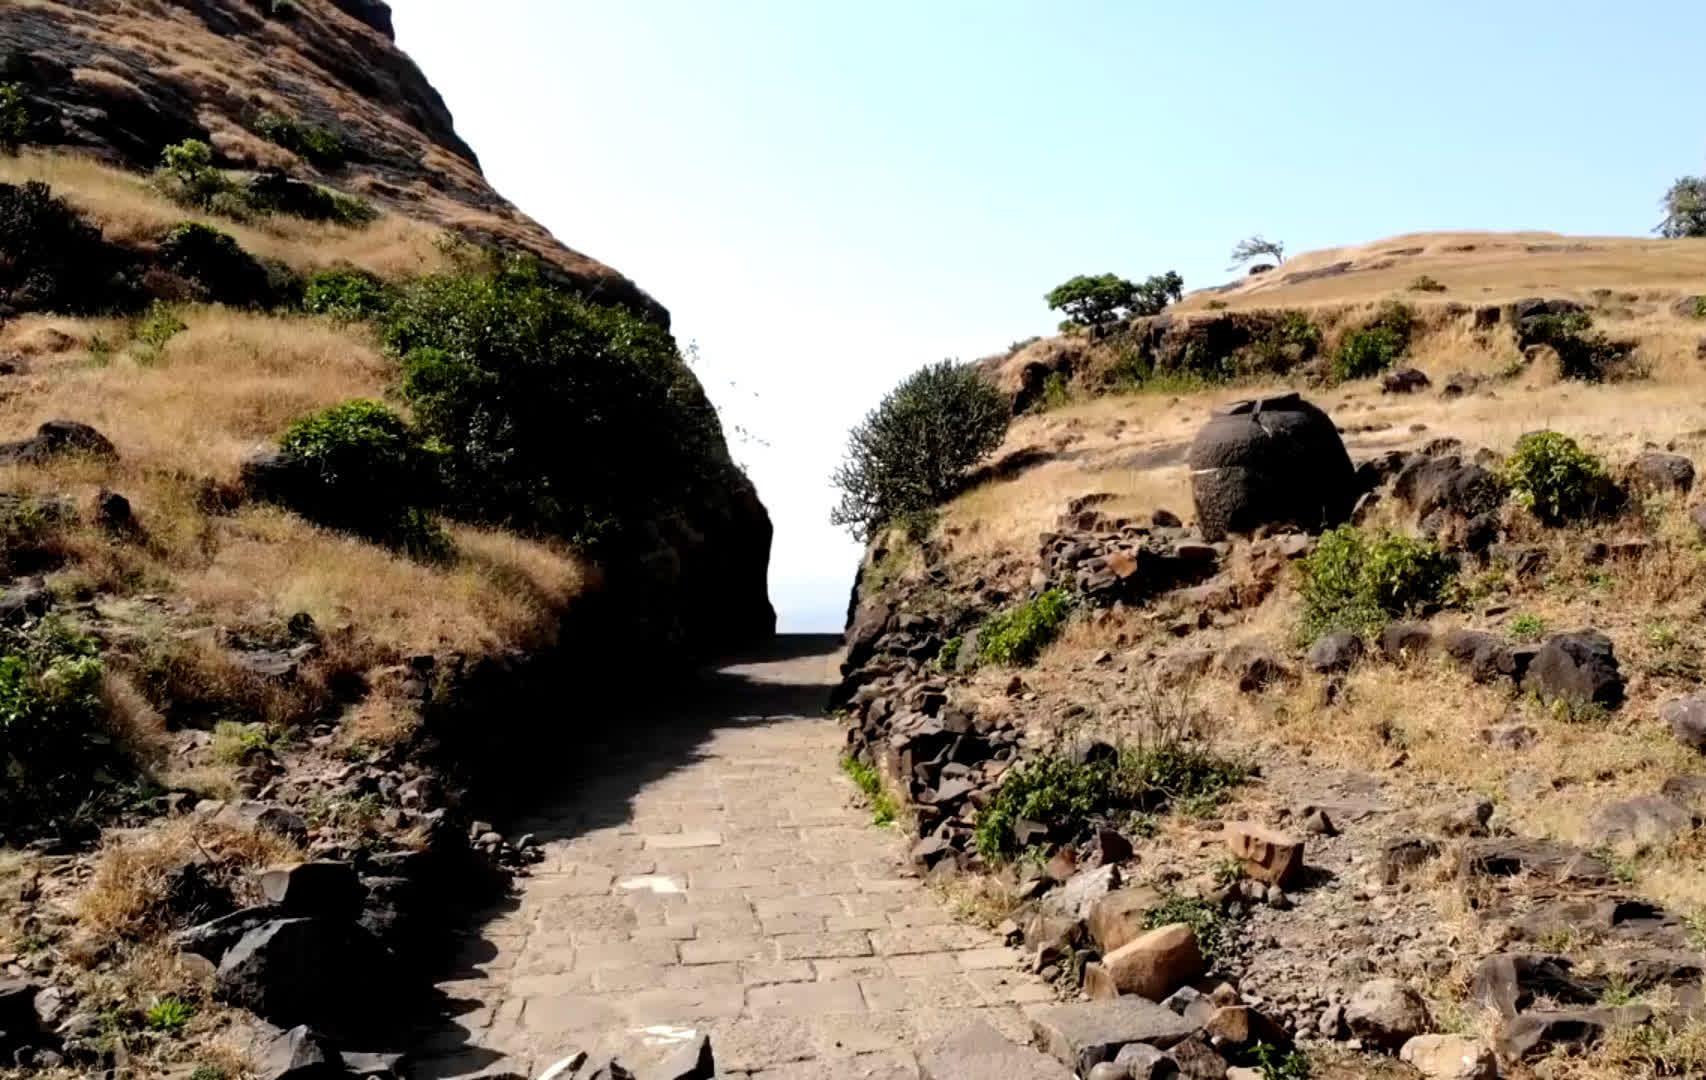 भारत का प्राचीन टोलबूथ: नानेघाट